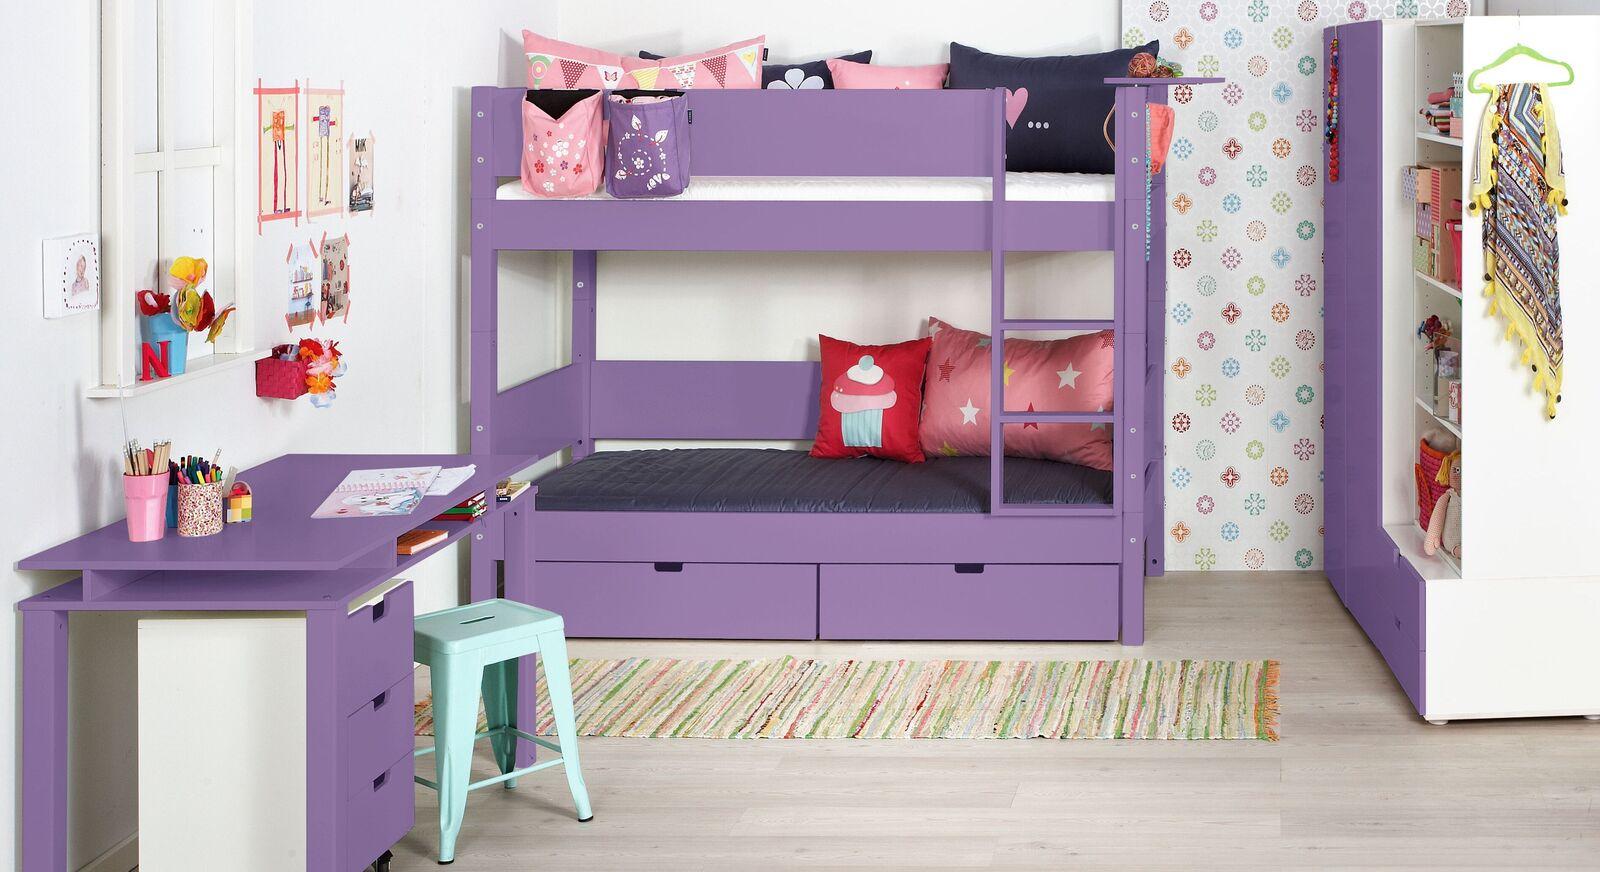 Passende Produkte zum Etagenbett Kids Town Color